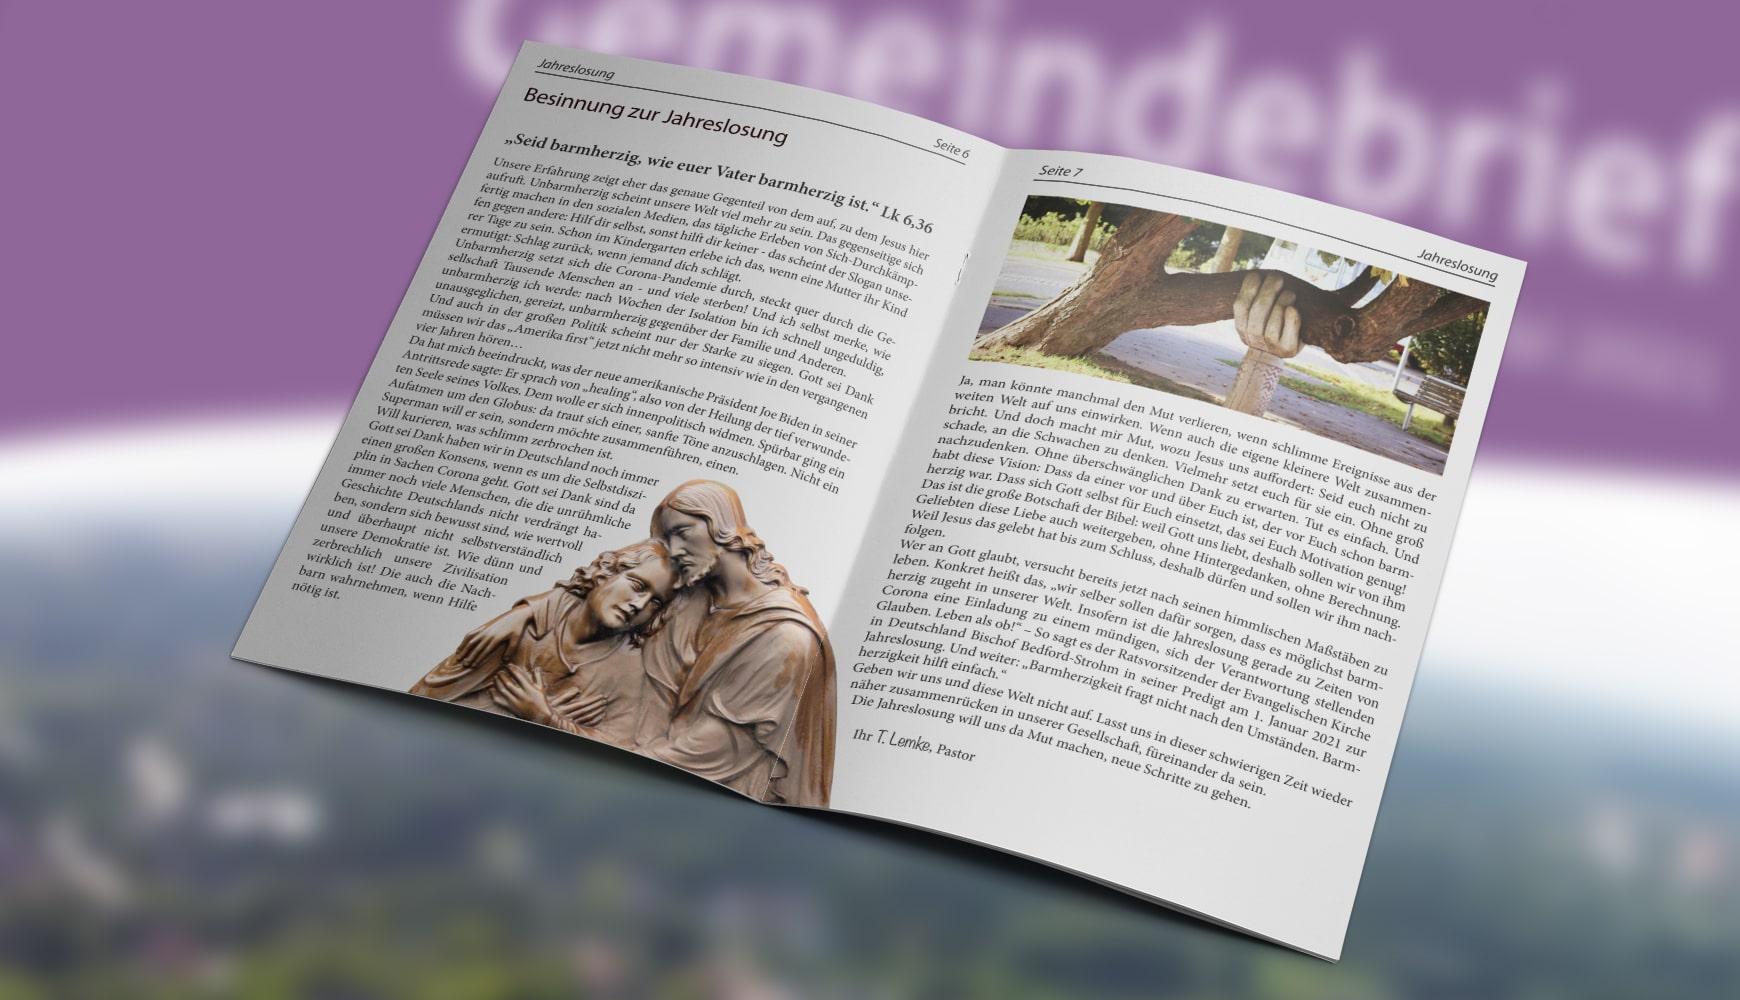 Grafic Design Zeitschrift Heft Design Gemeindebrief Claus-Harms März 2021 Innenseiten